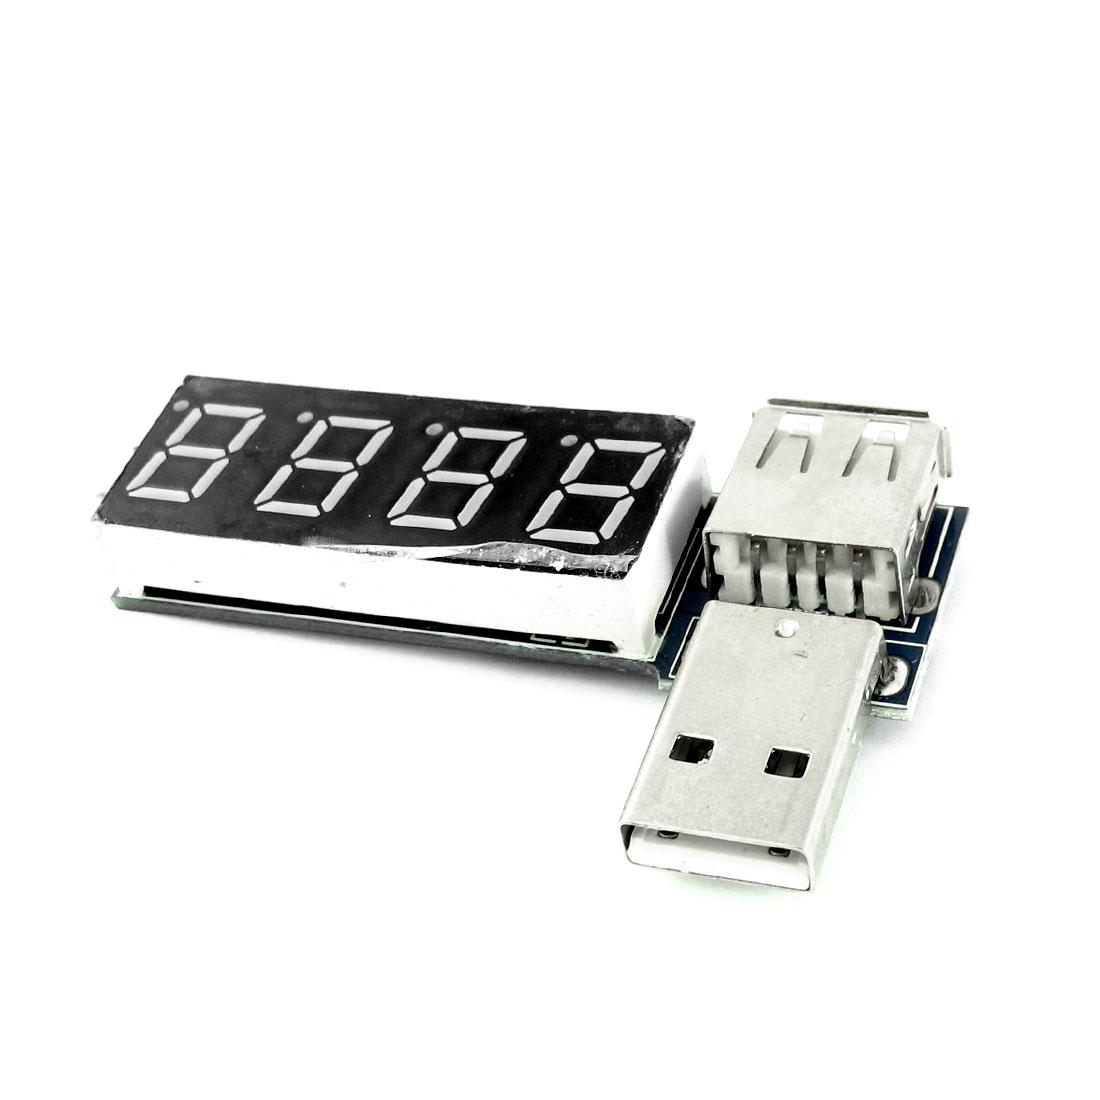 DC3.5-7V 0-3A 4-Digit LED Display USB2.0 Male Female Current Voltage Detector Tester Module